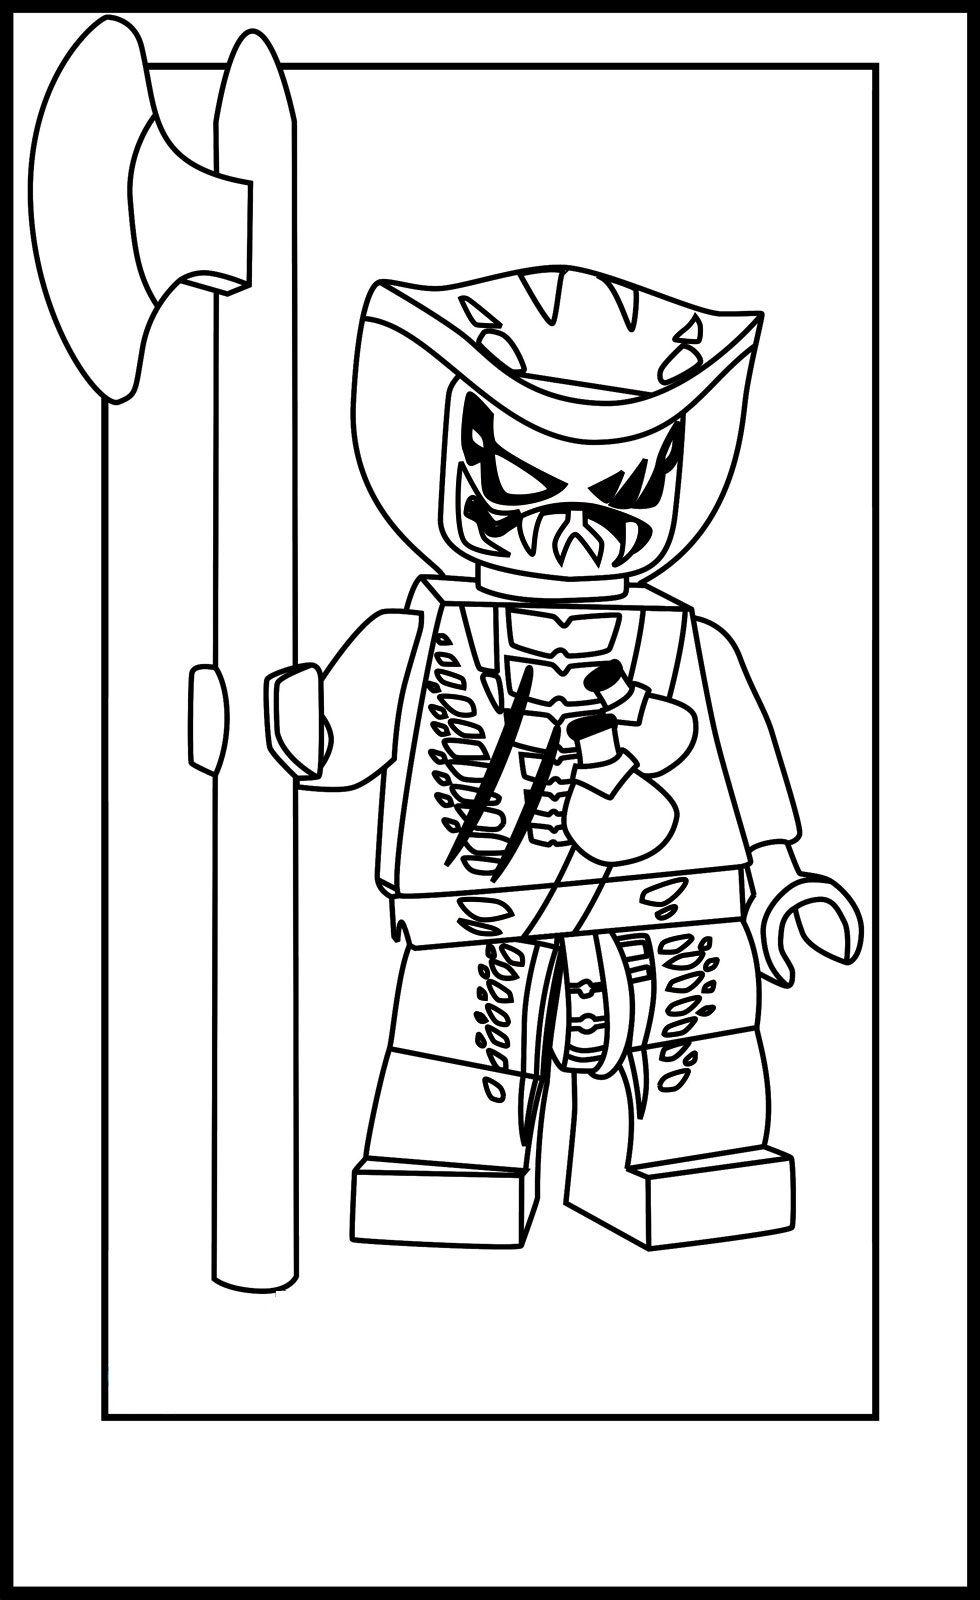 Lego Ninjago Pythor Coloring Pages